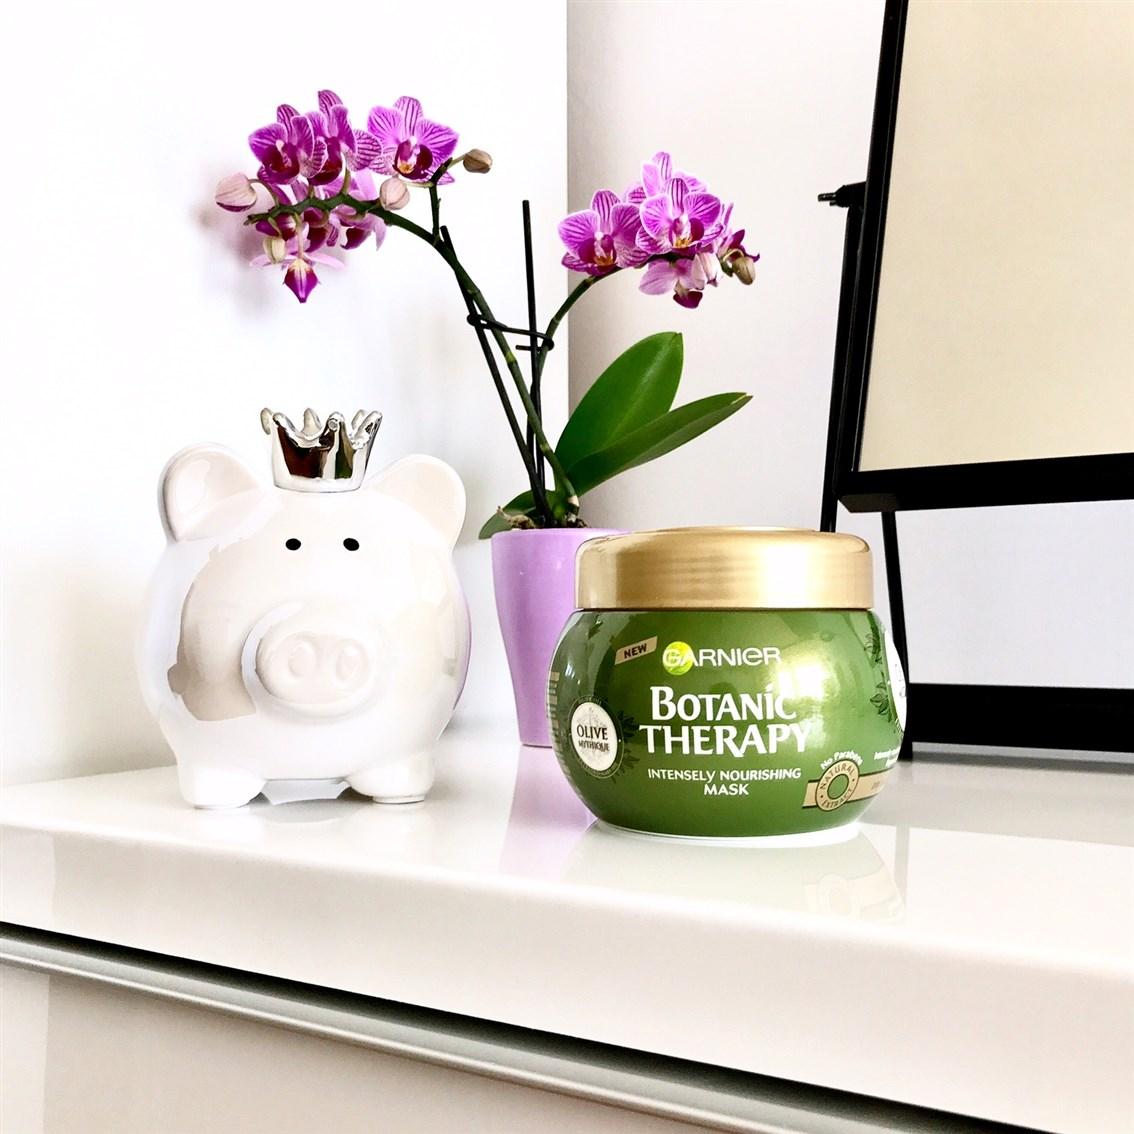 zdjęcie maski Garnier Botanic Therapy Olive